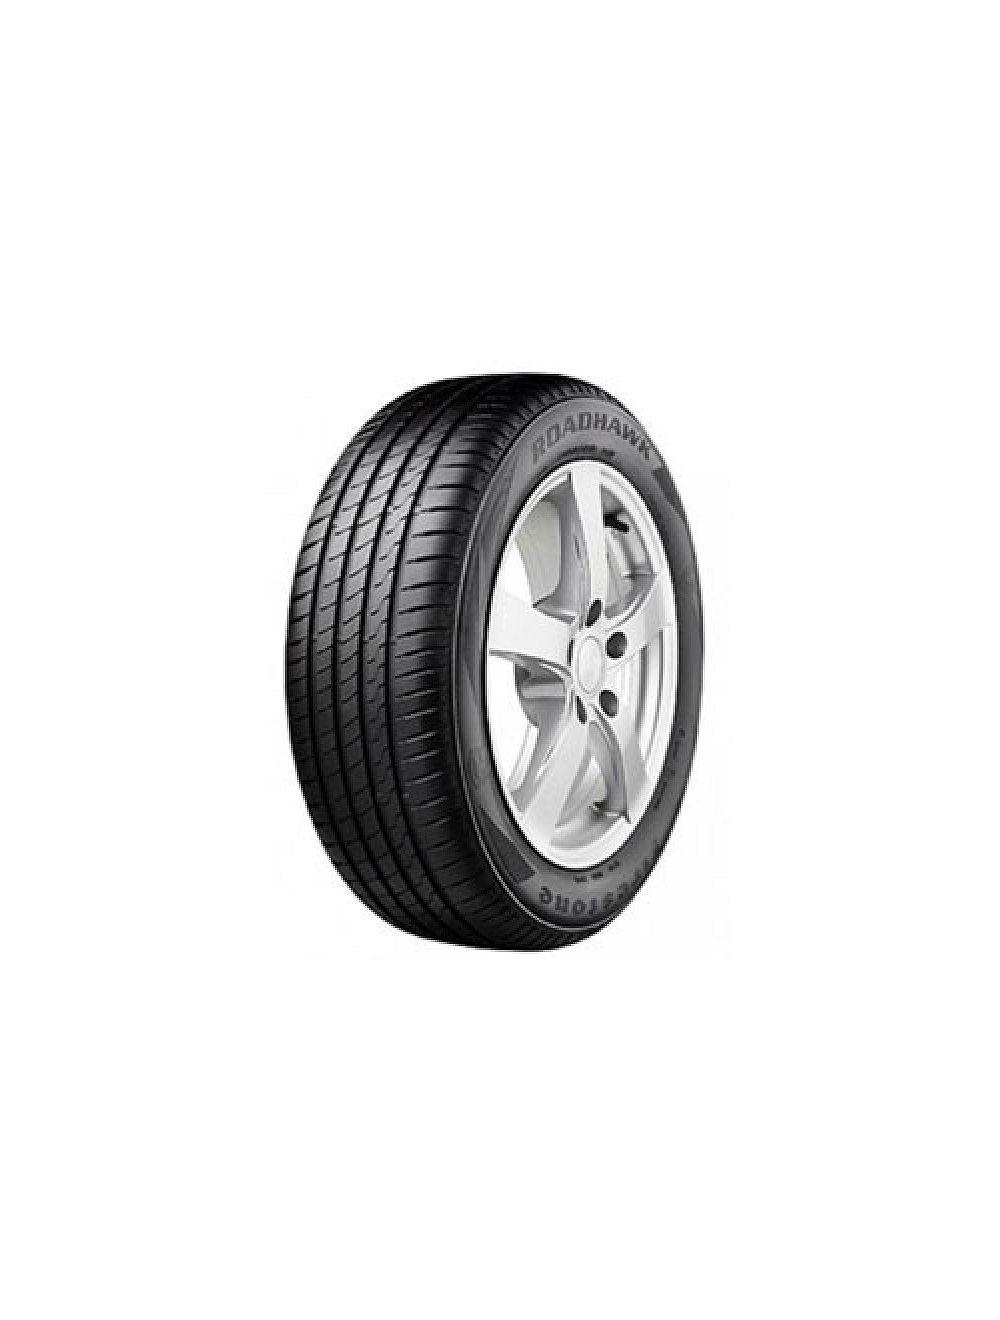 Firestone 255/35R19 Y RoadHawk XL Nyári gumi